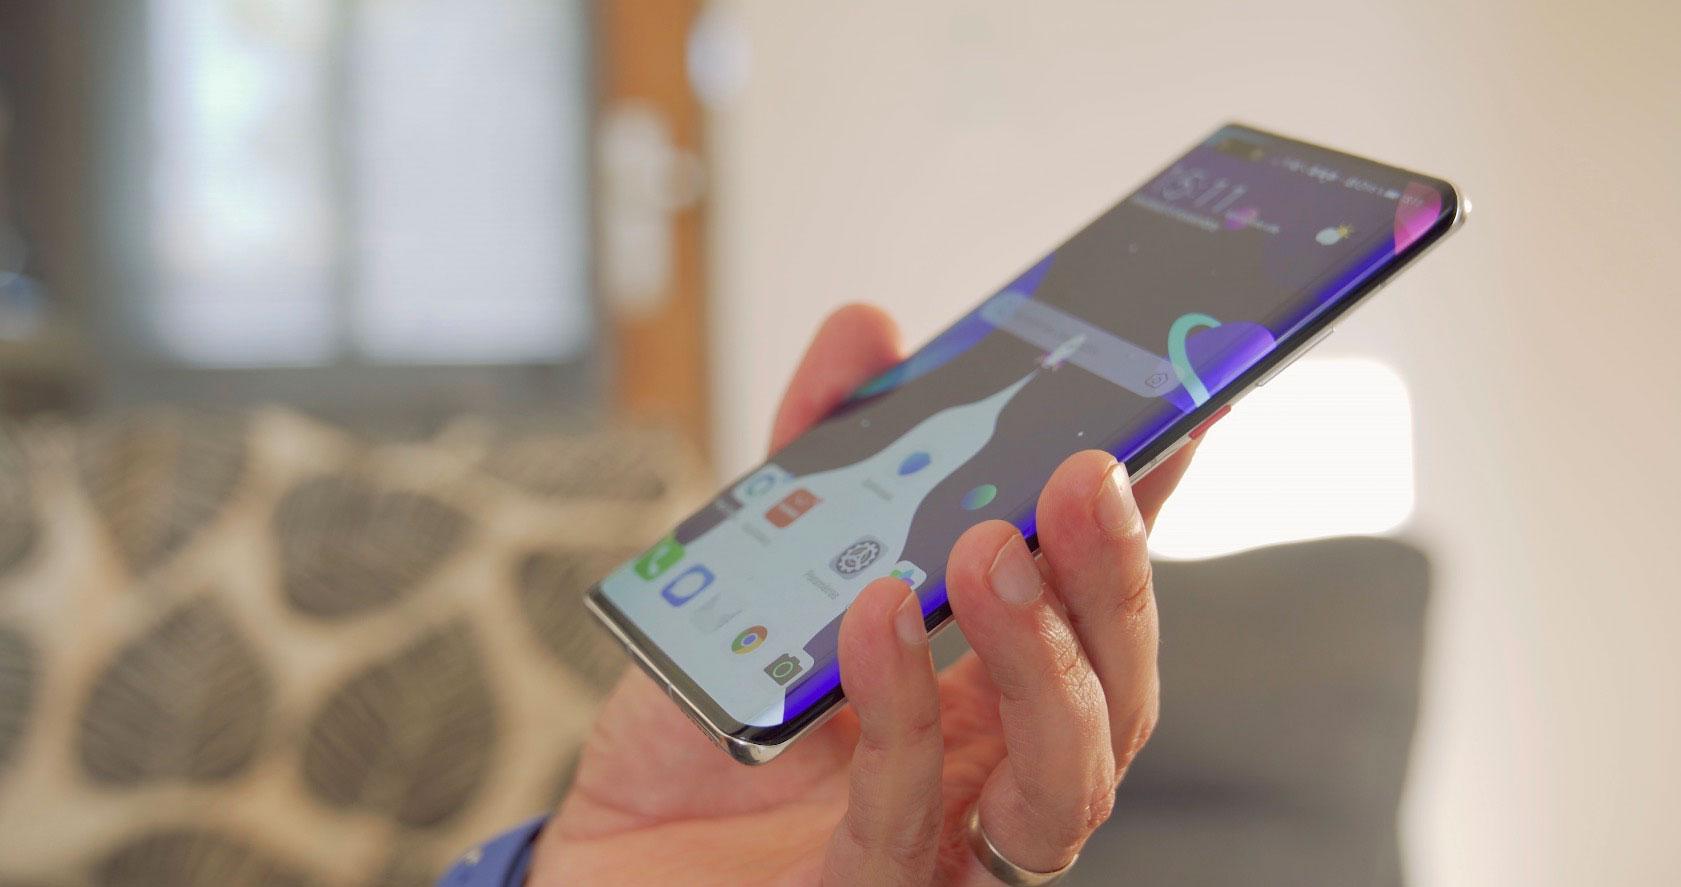 Le téléphone est bien équilibré, ce qui le rend du même coup très confortable en main